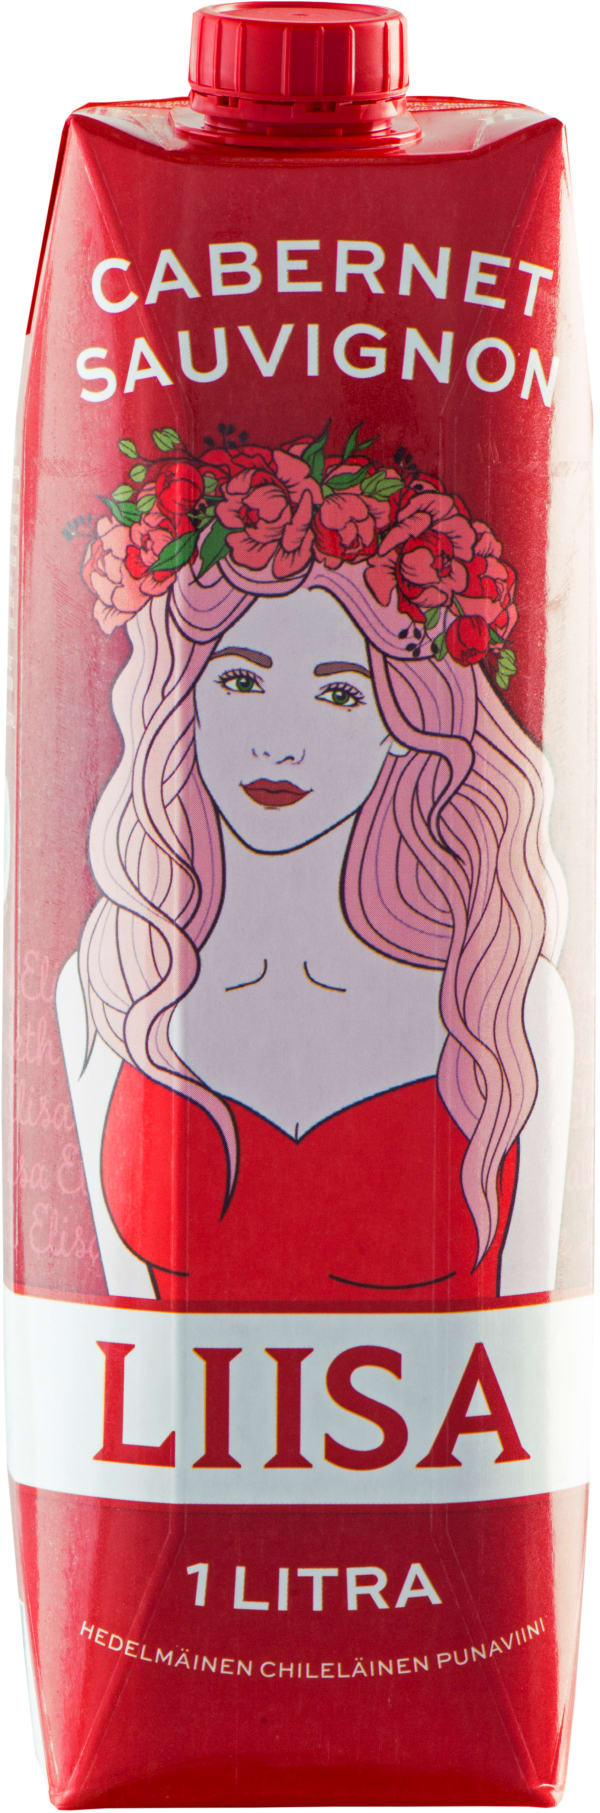 Liisa Cabernet Sauvignon carton package